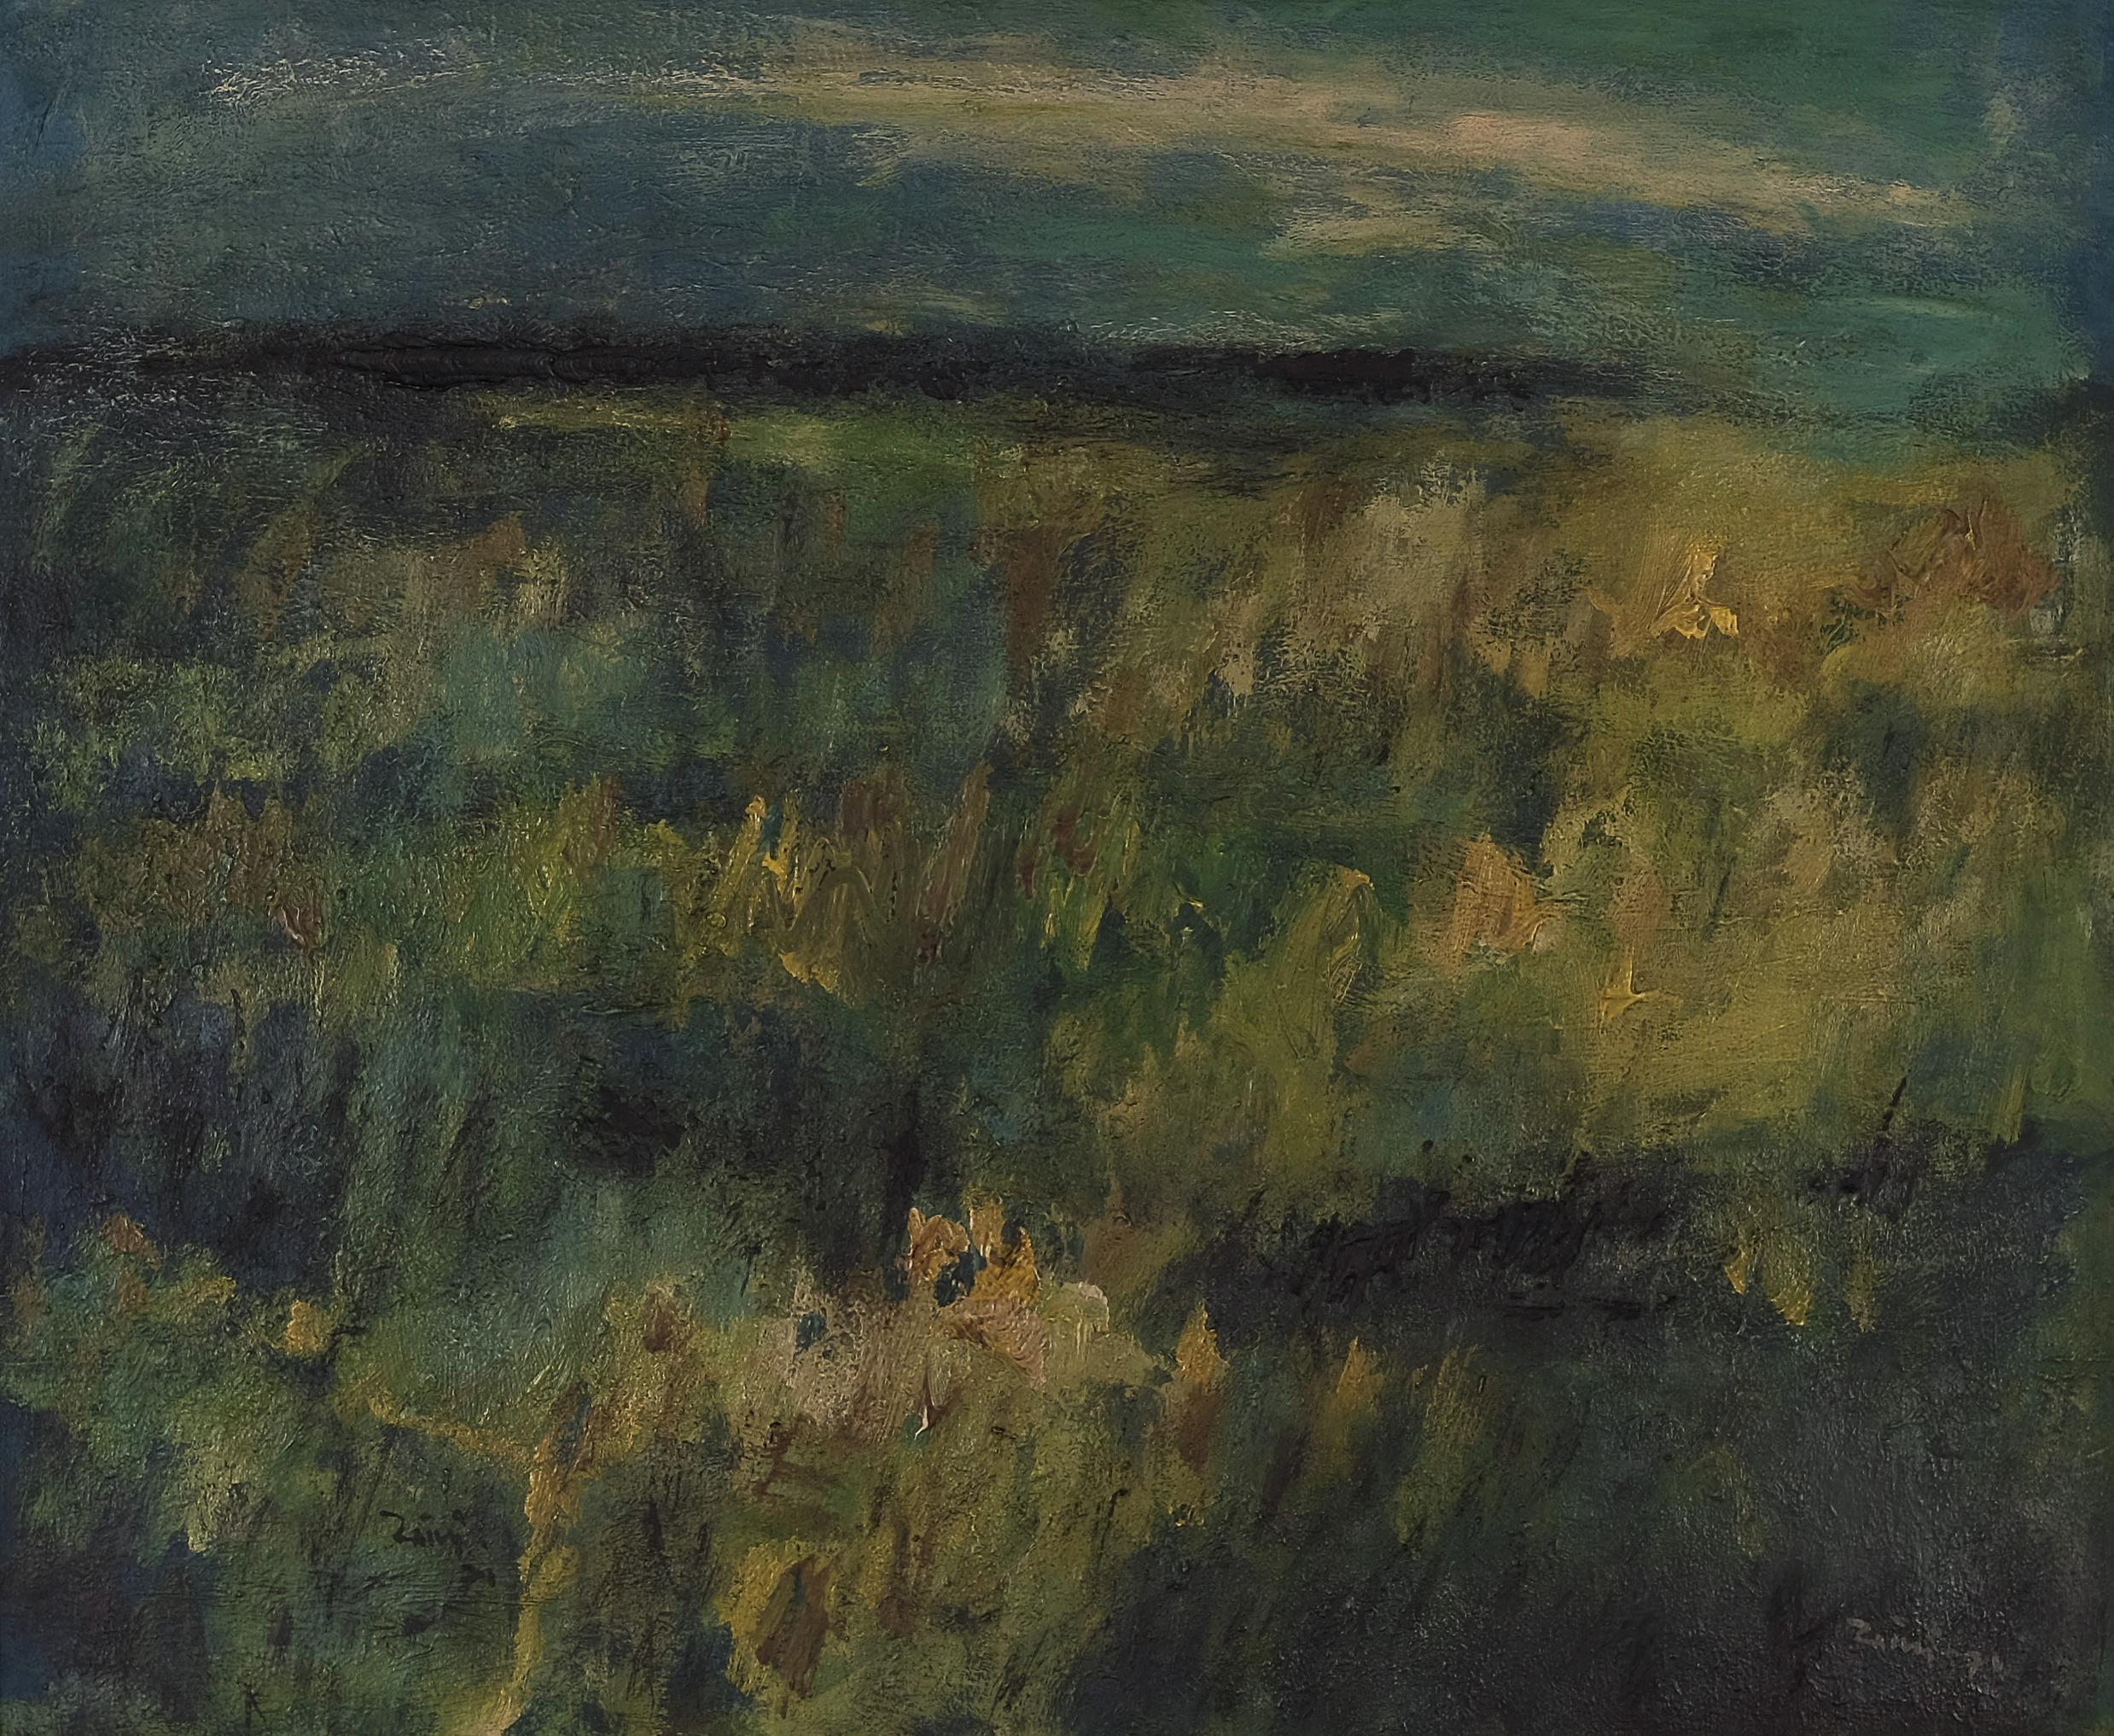 Zaini, Padang Rumput (Open Field), 1971, 50.5 x 60.5 cm